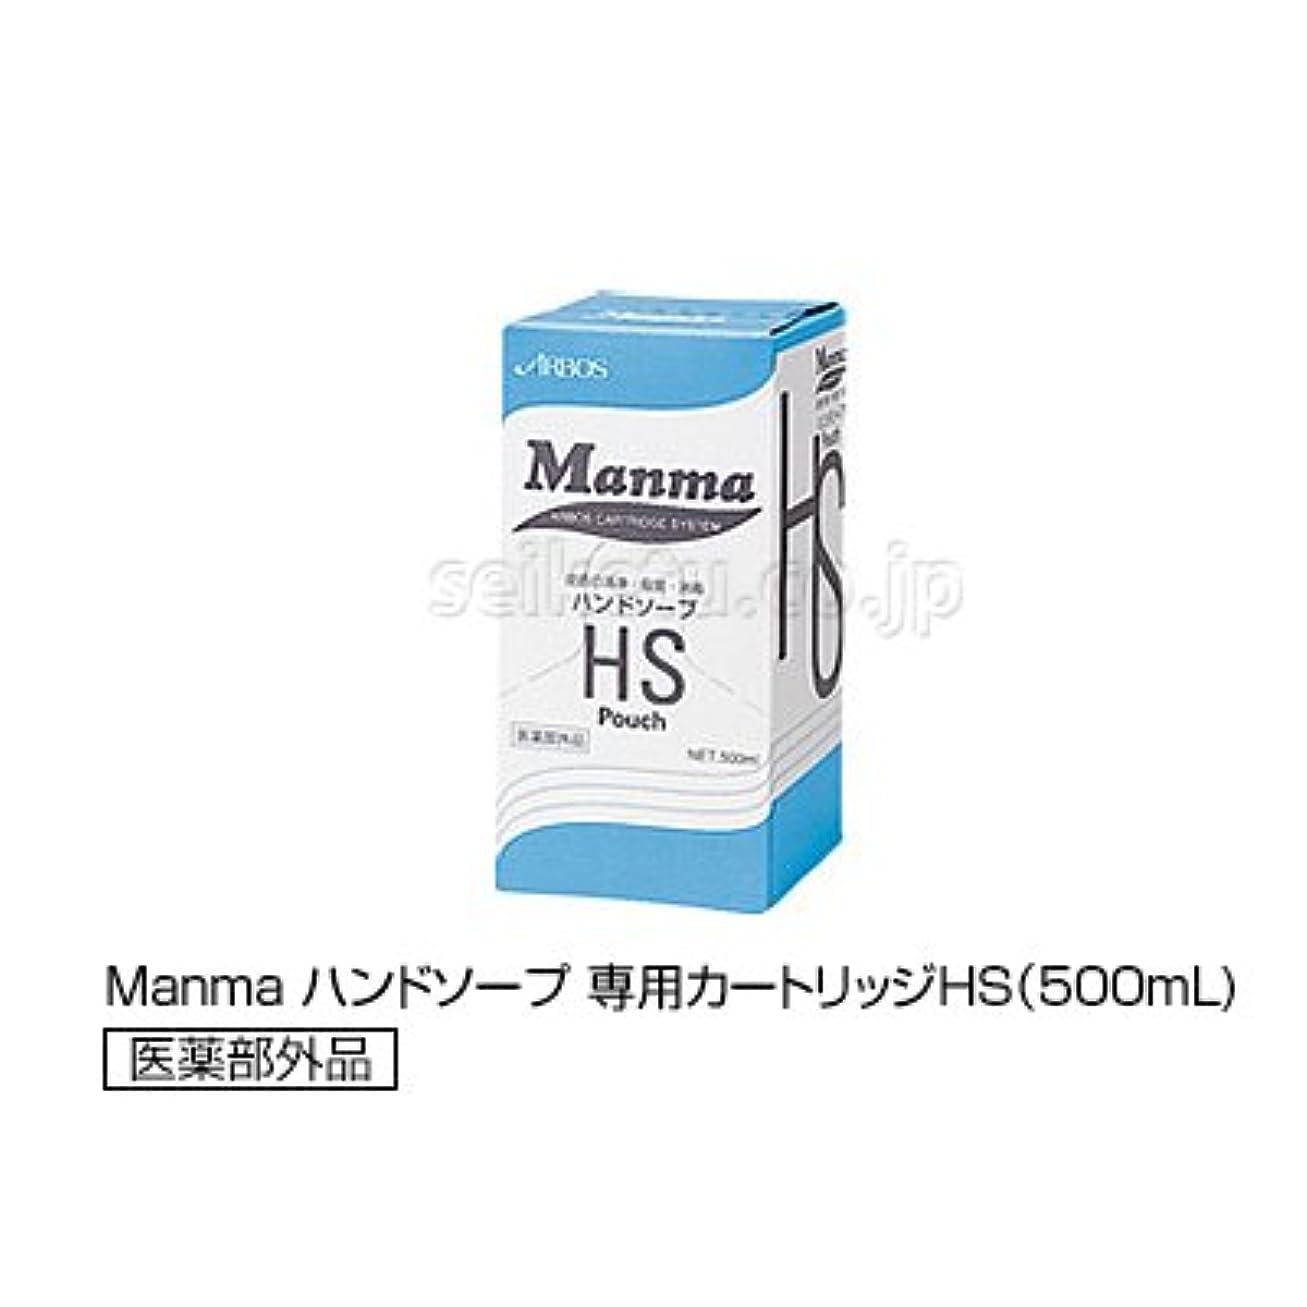 乗算率直な亜熱帯Manma ハンドソープ 専用カートリッジ/専用カートリッジHS(500mL)【清潔キレイ館】